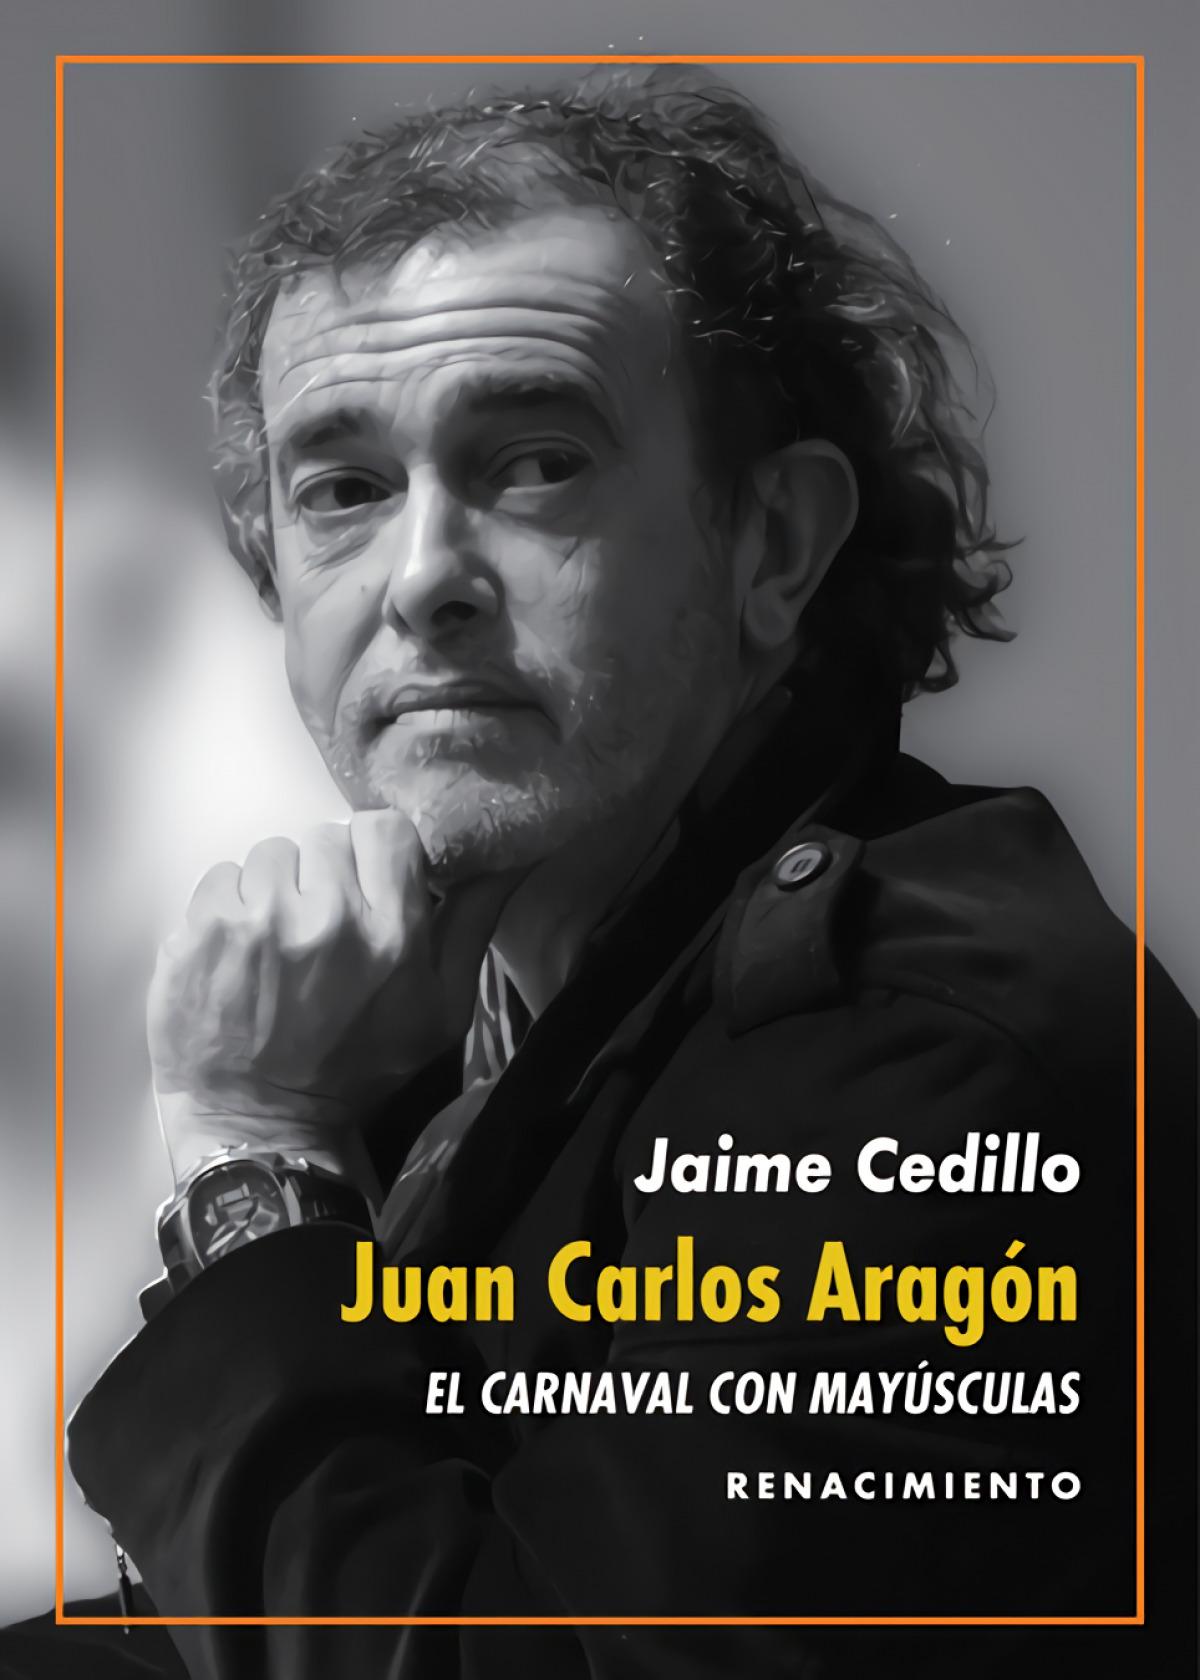 Juan Carlos Aragón: El Carnaval con mayúsculas